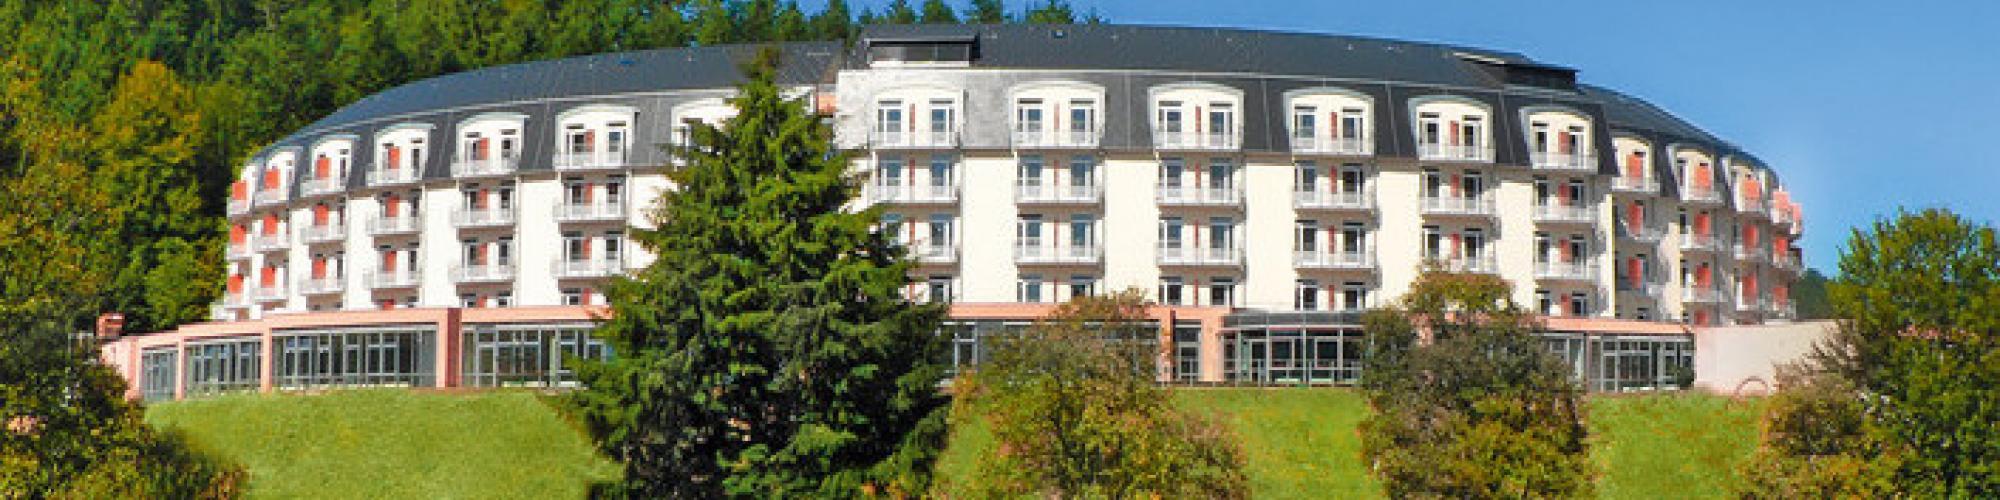 Reha-Zentrum Todtmoos Klinik Wehrawald